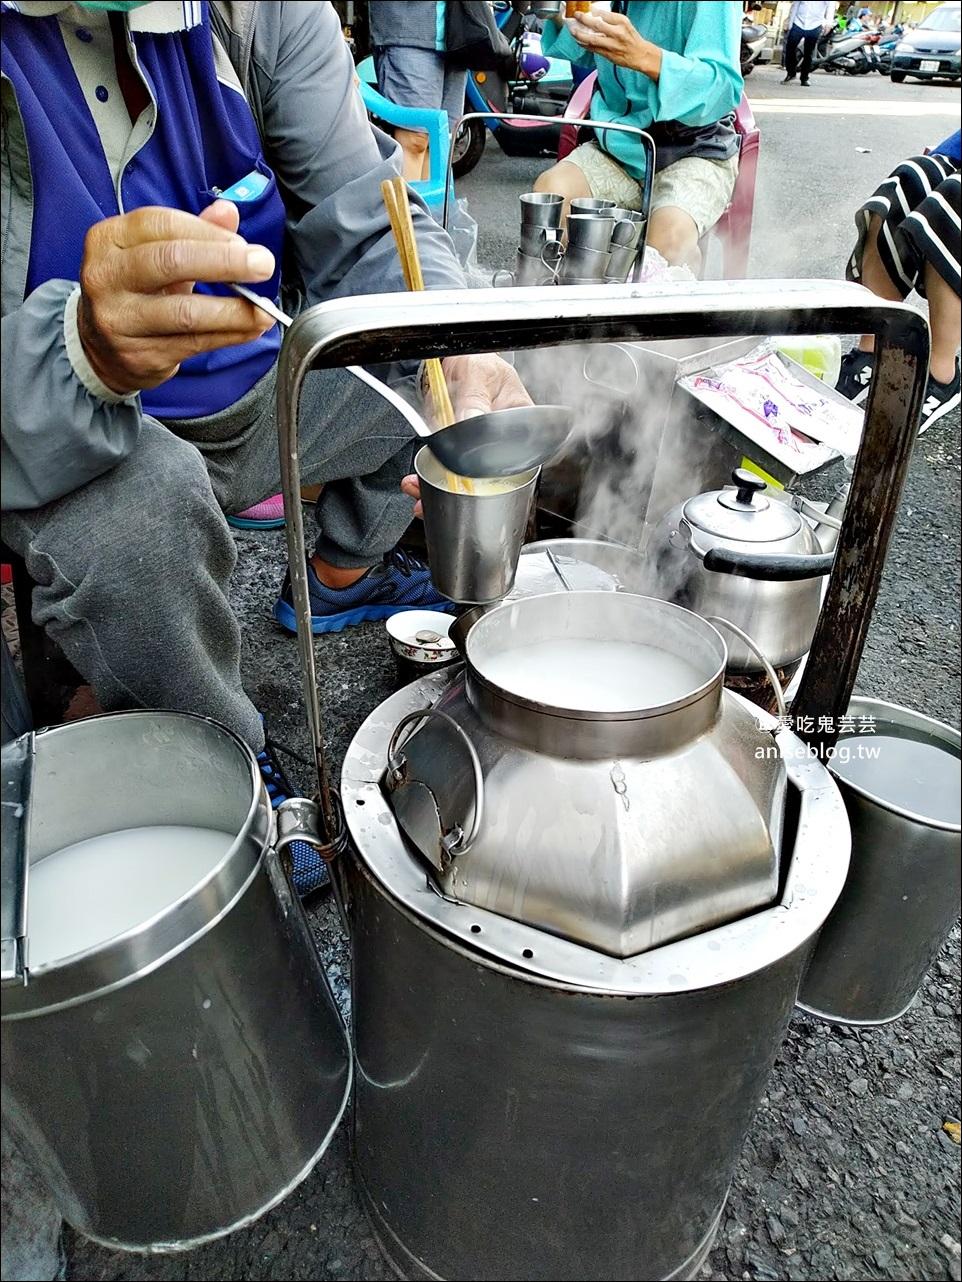 碳燒杏仁茶老店,嘉義南門圓環旁的傳統早餐好滋味,嘉義美食(姊姊食記)